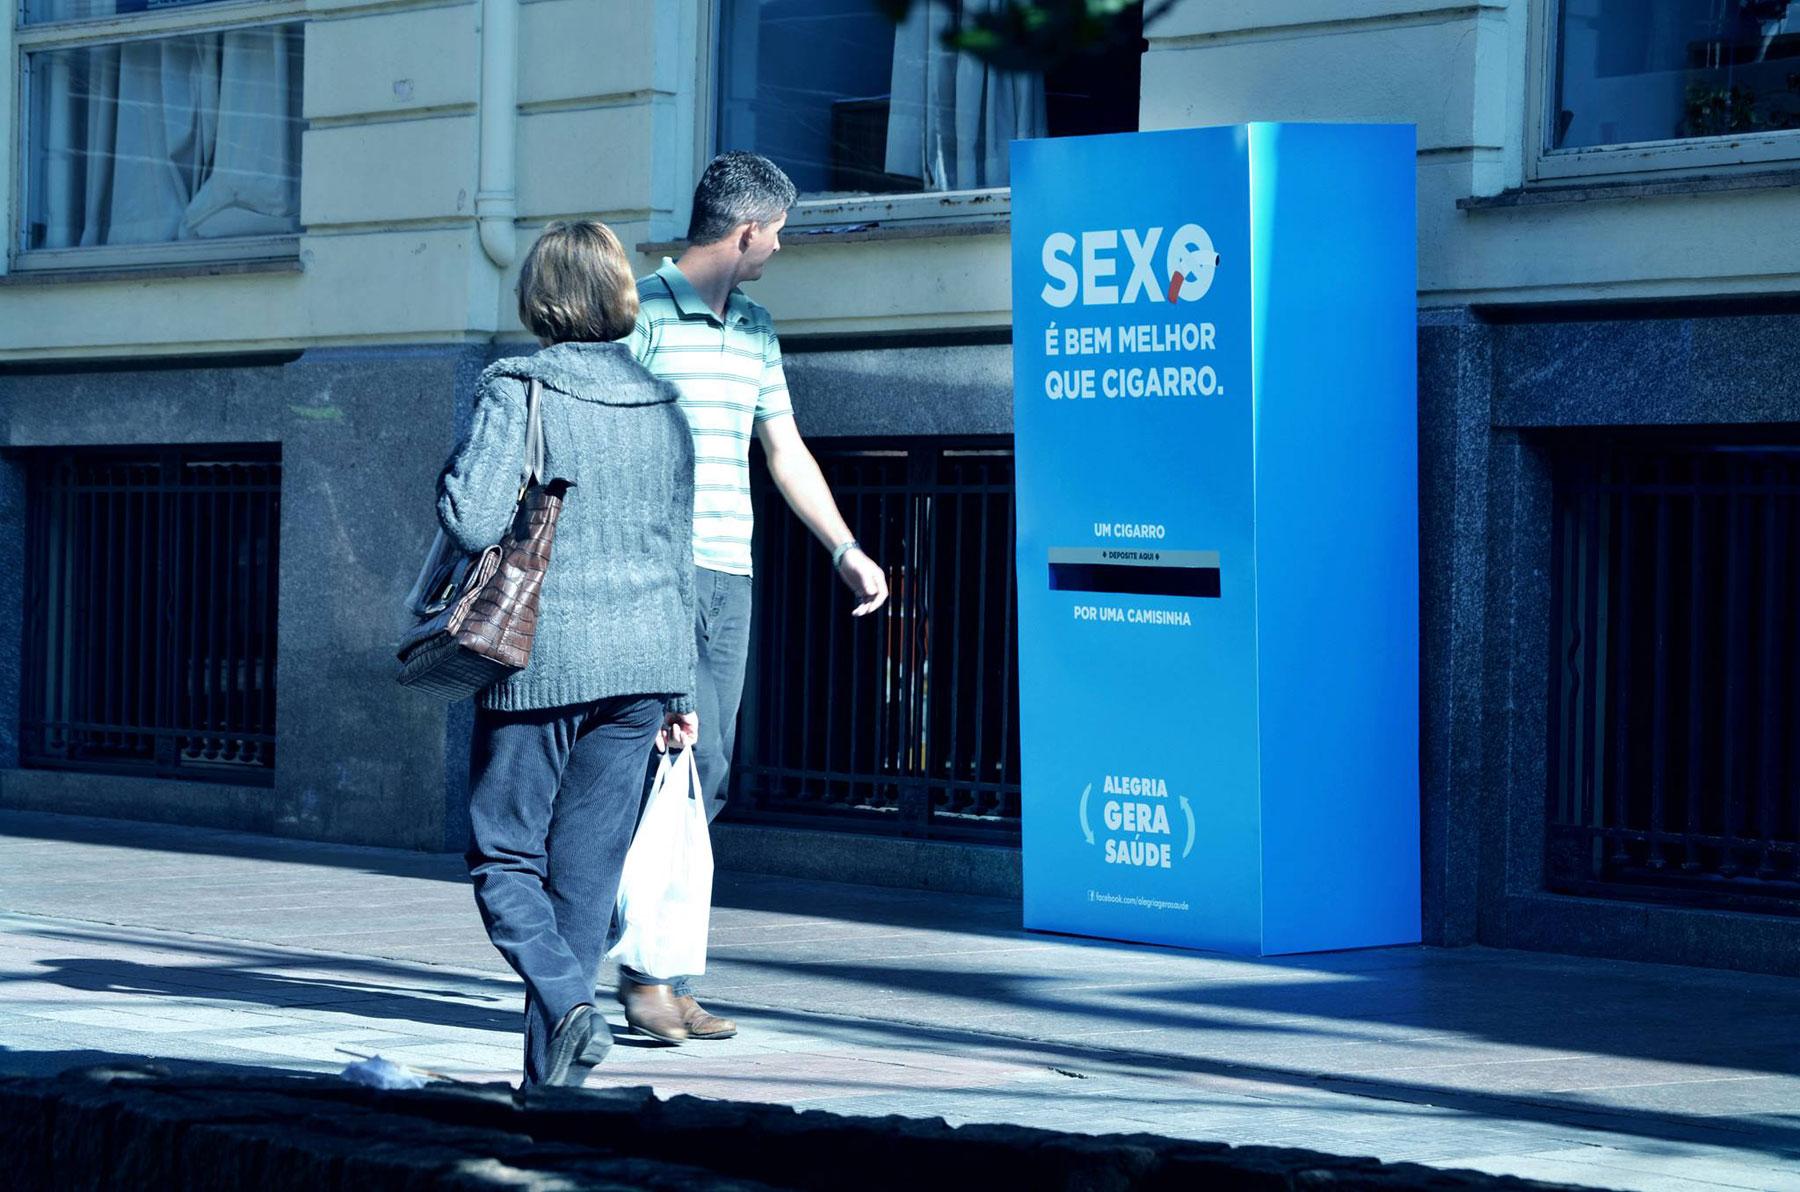 le groupe Alegria gera Saúde au Brésil a installé une boîte bleue où les passant pouvaient échanger des cigarettes contre des préservatifs !